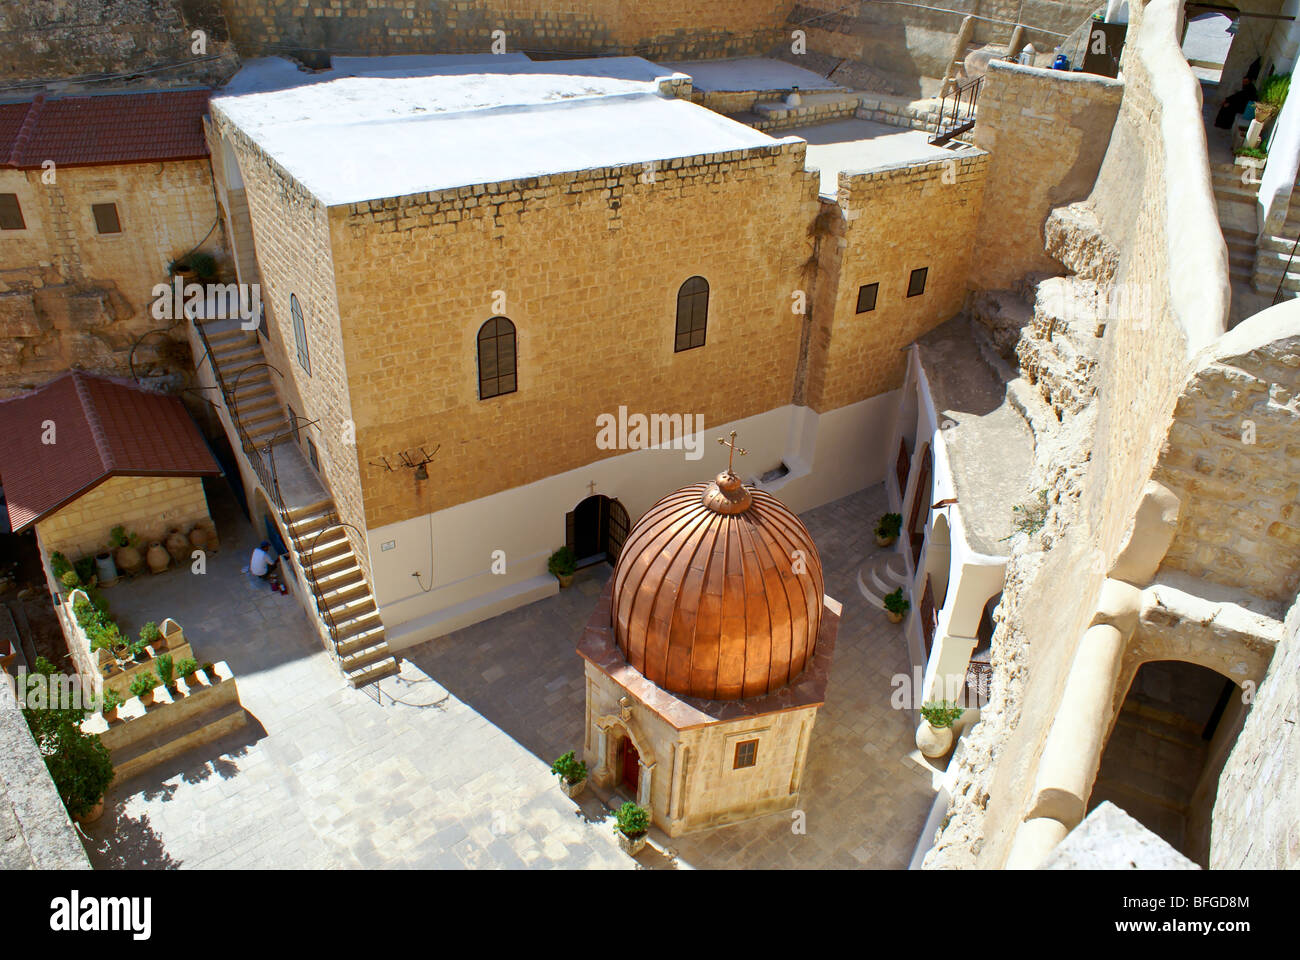 Greek Orthodox Monastery of Mar Saba (St. Sabas) in Judean Desert, Israel Stock Photo